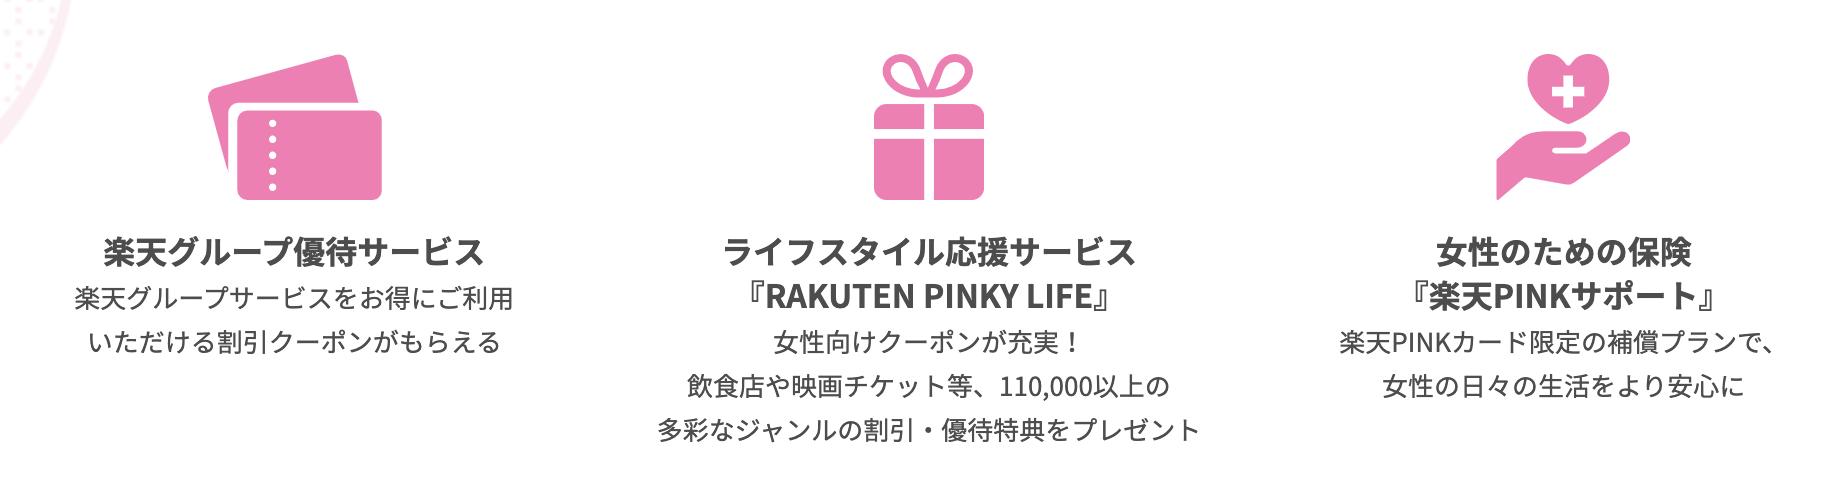 楽天PINKカード限定カスタマイズ特典